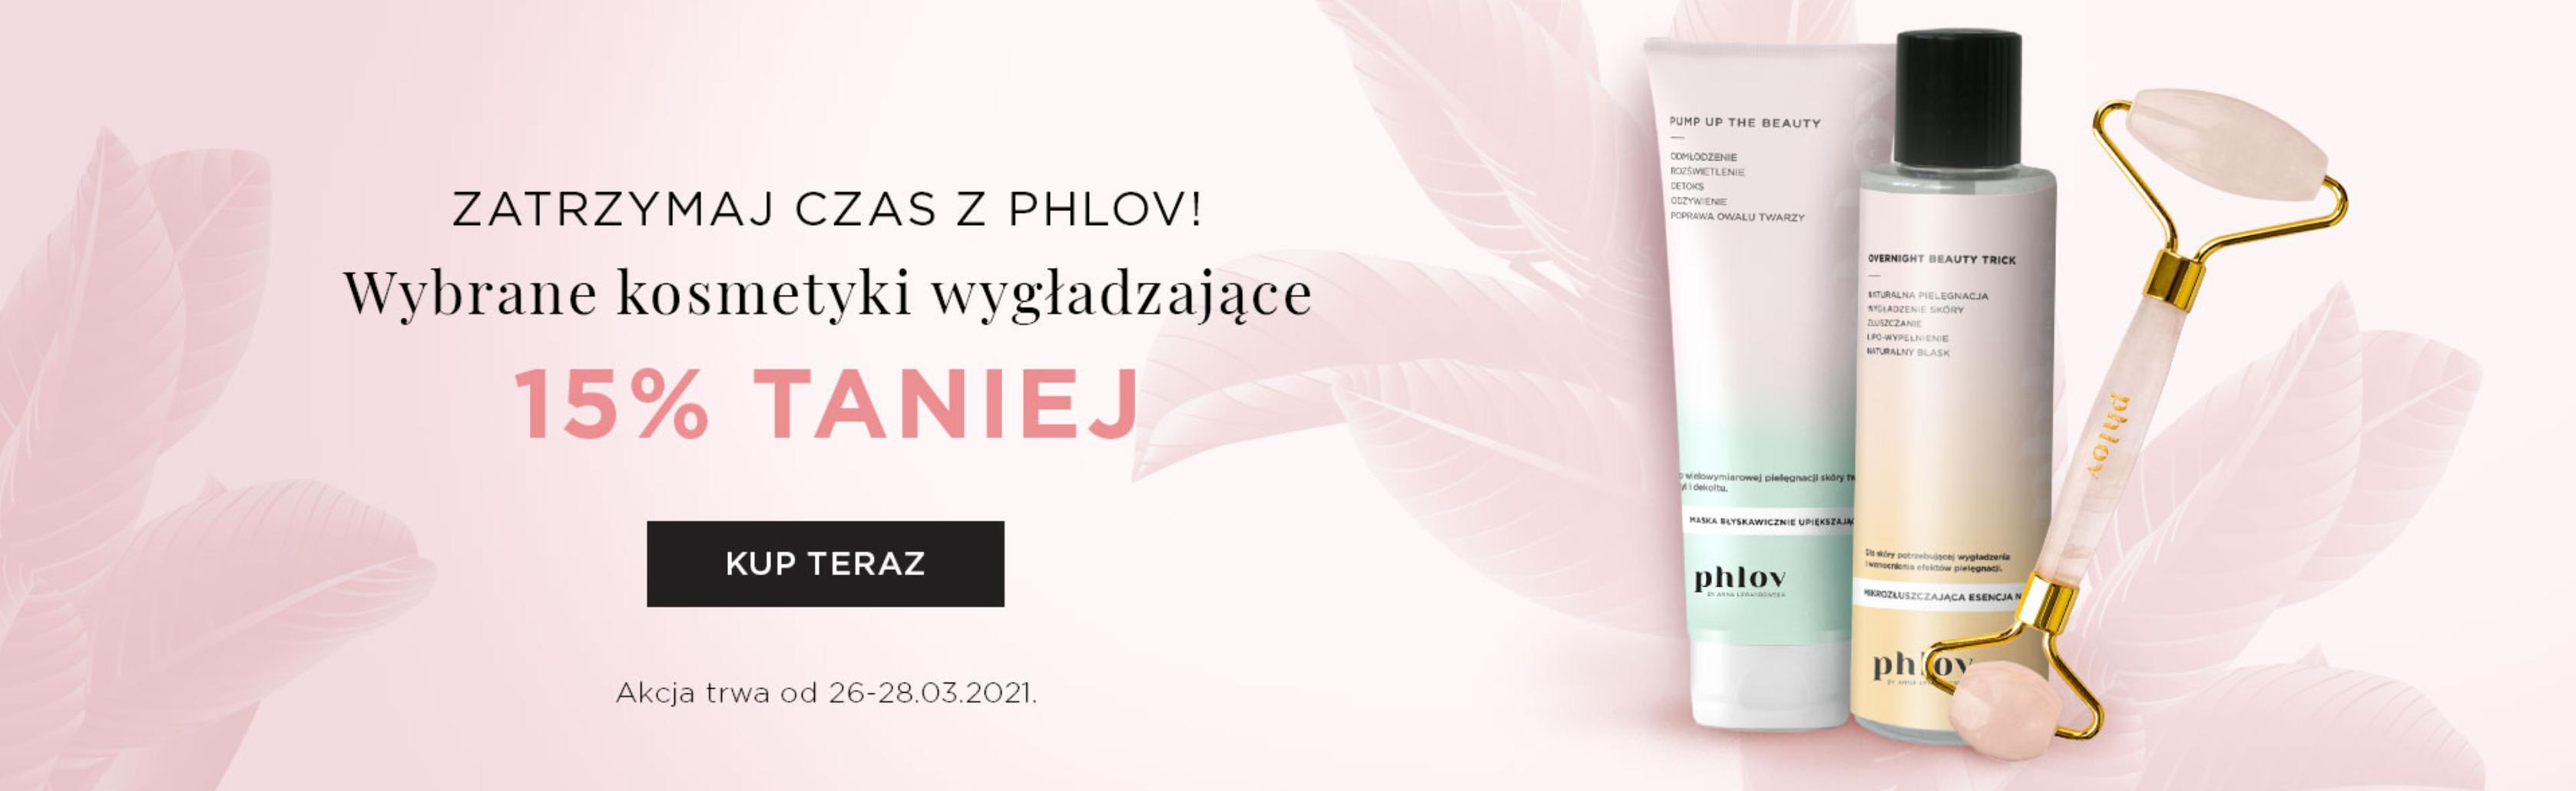 PHLOV by Anna Lewandowska: 15% rabatu na wybrane kosmetyki wygładzające